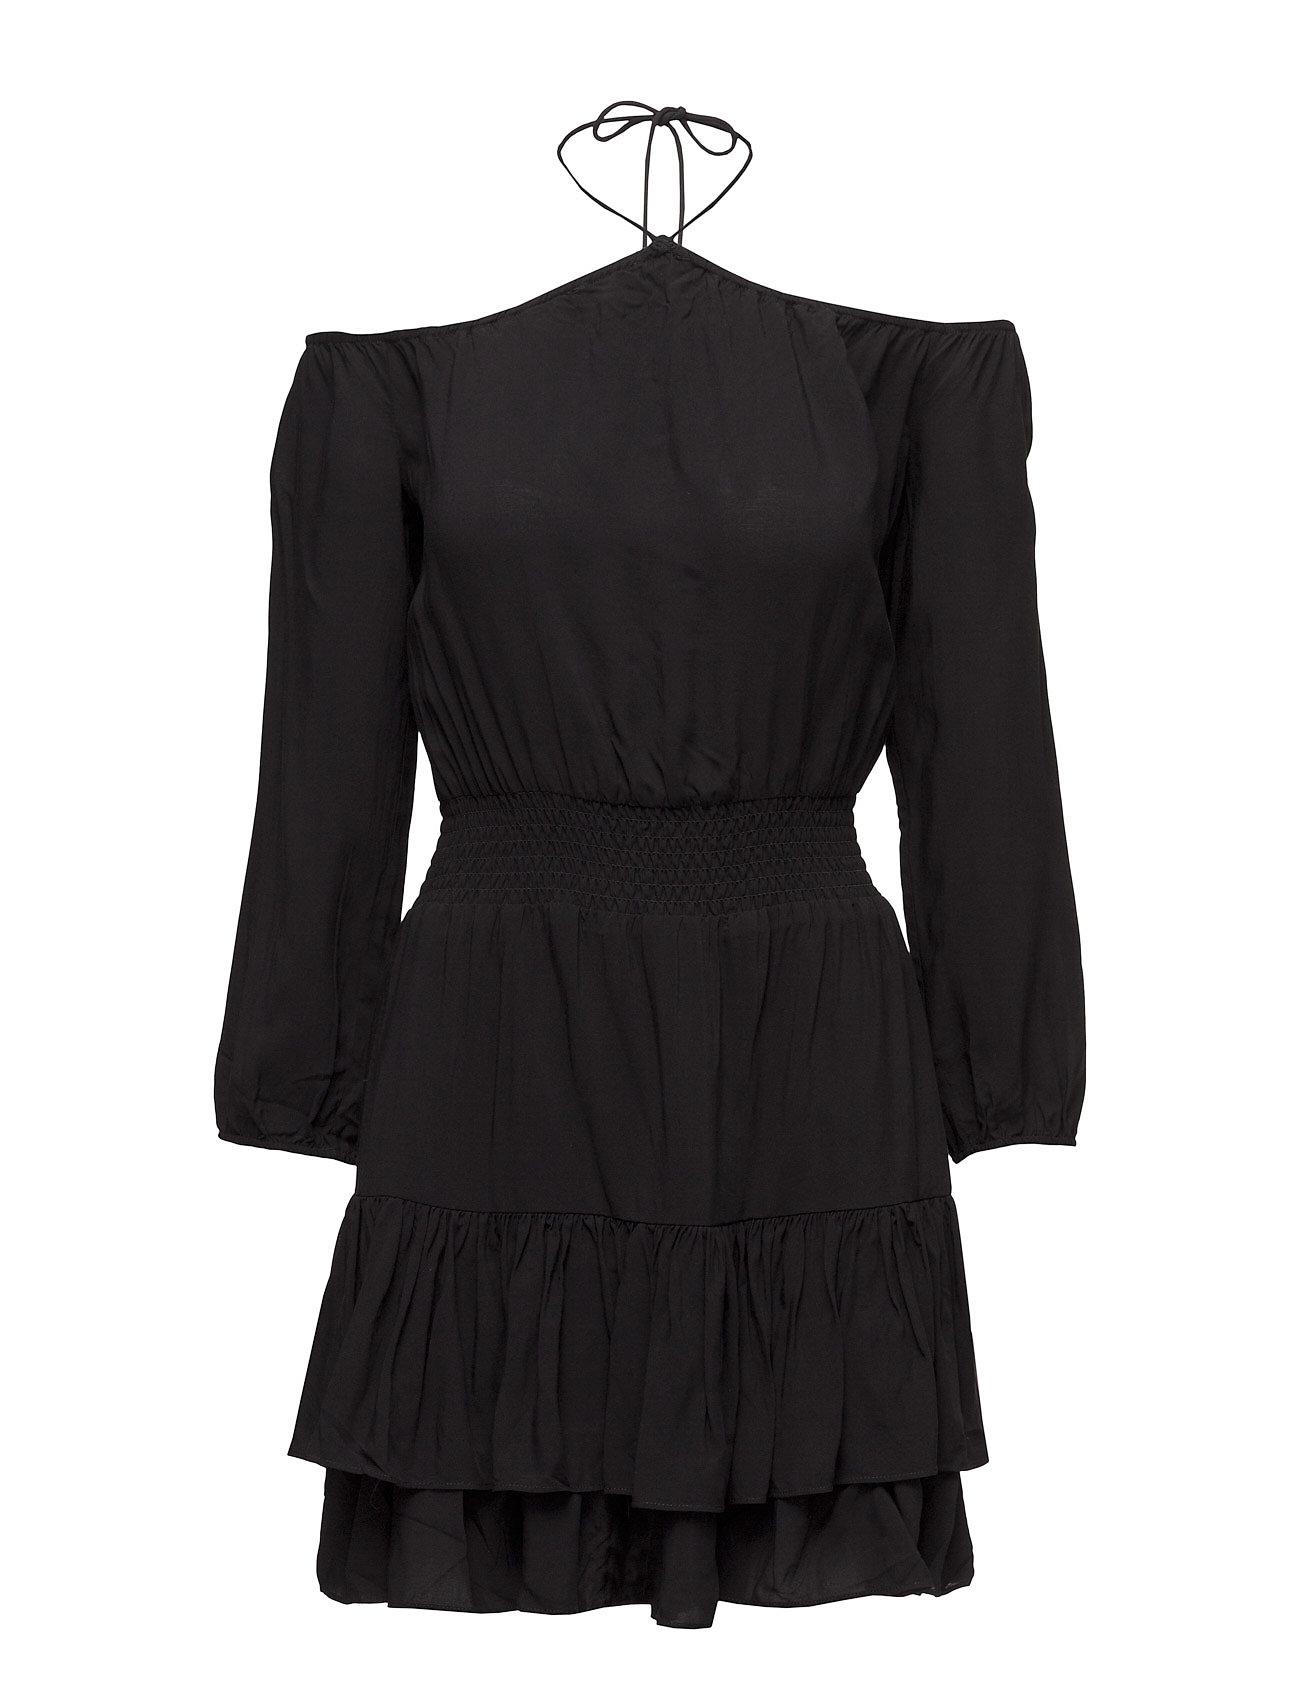 Rion Dot Dress Designers Remix Korta Klänningar